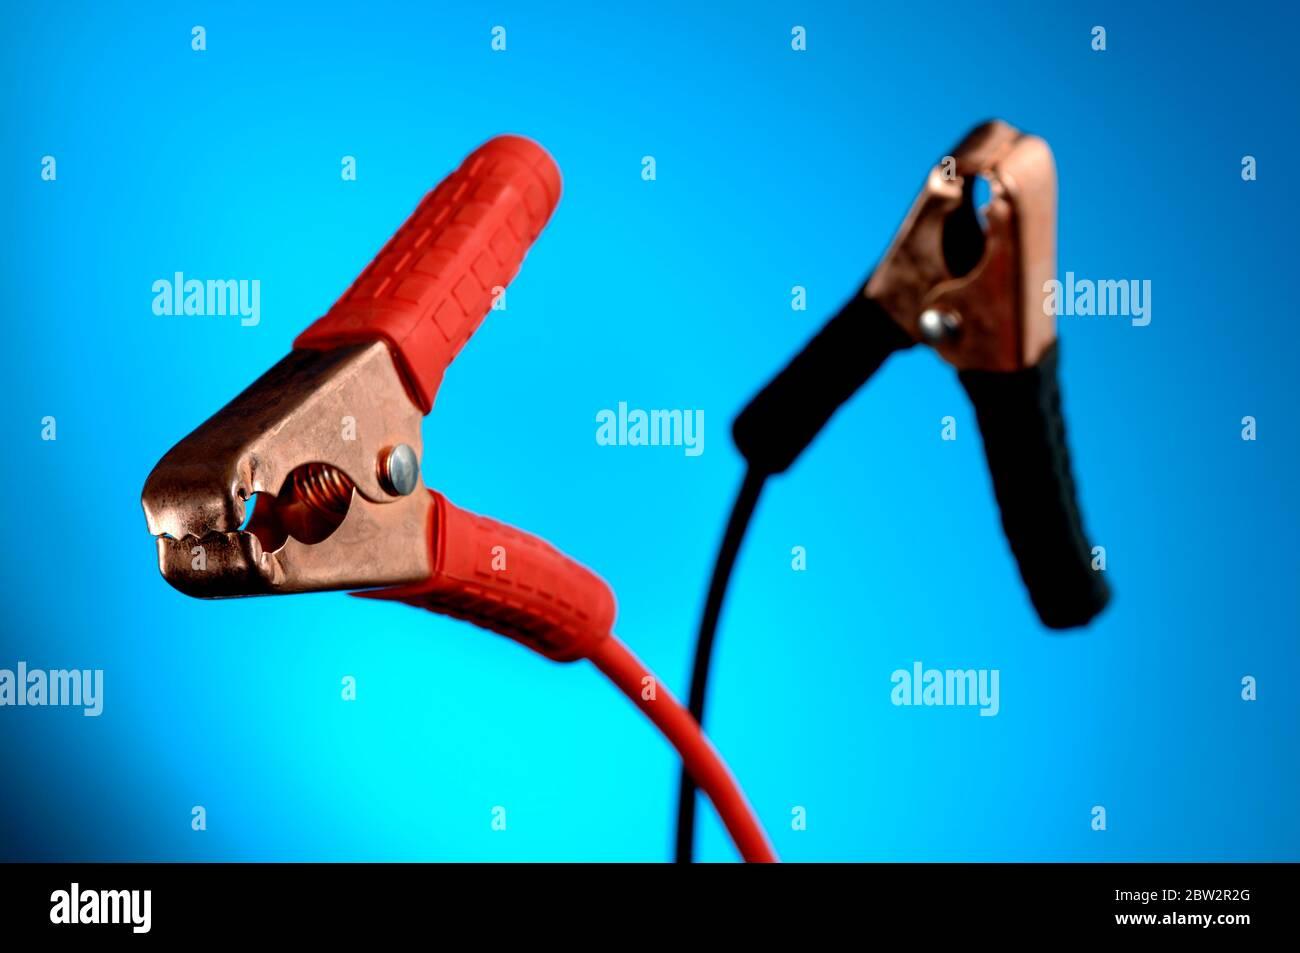 Connecteurs de câbles volants rouge et noir Banque D'Images